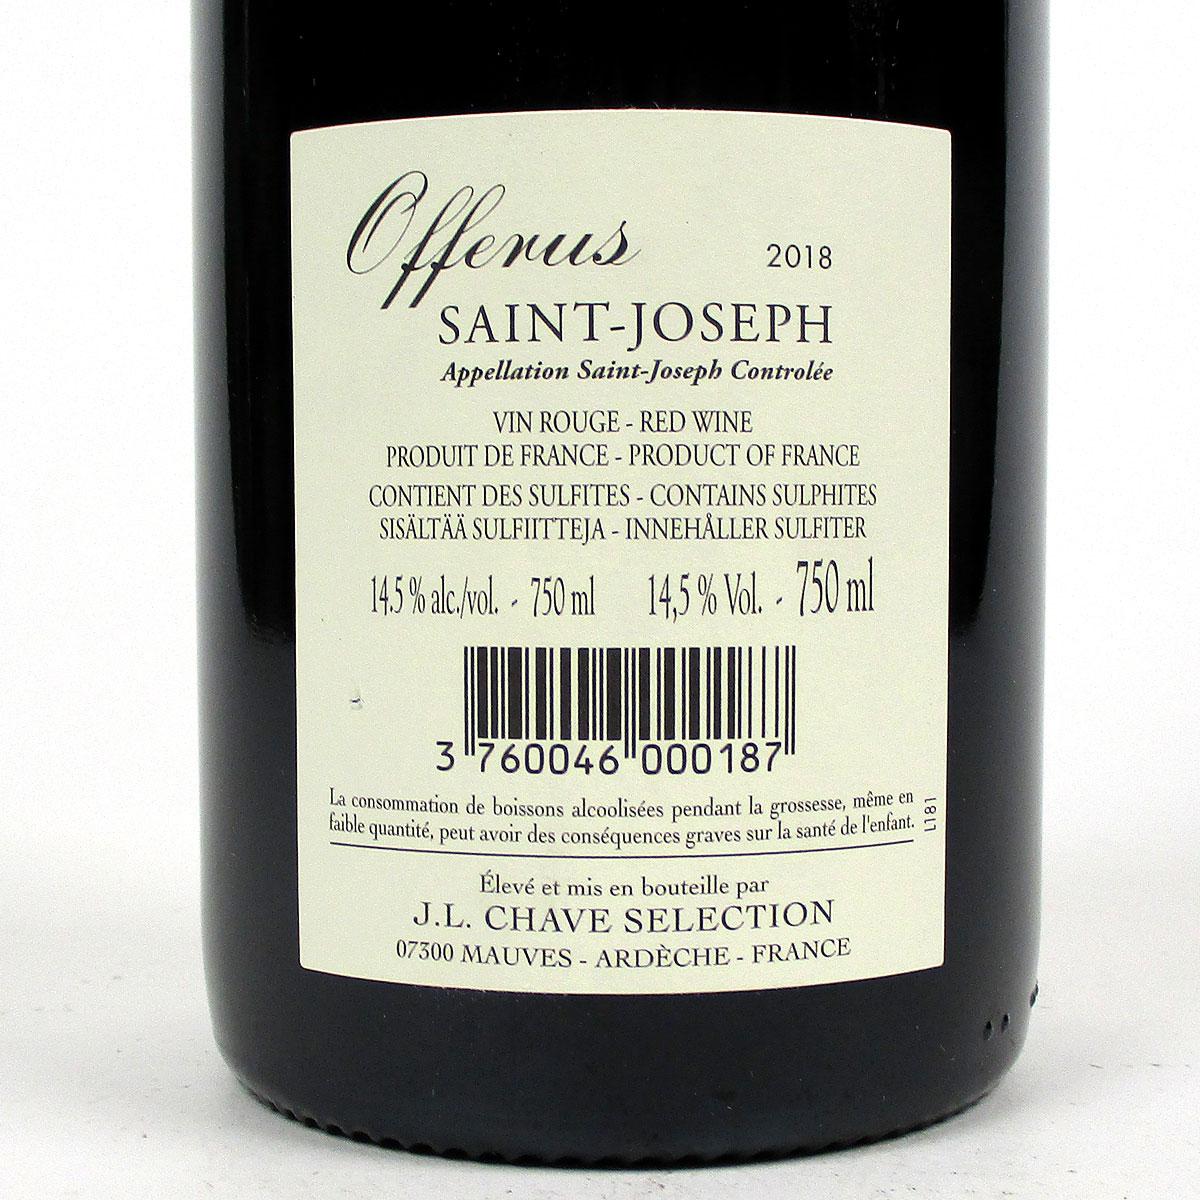 Saint-Joseph: Jean-Louis Chave Sélection 'Offerus' Rouge 2018 - Bottle rear Label